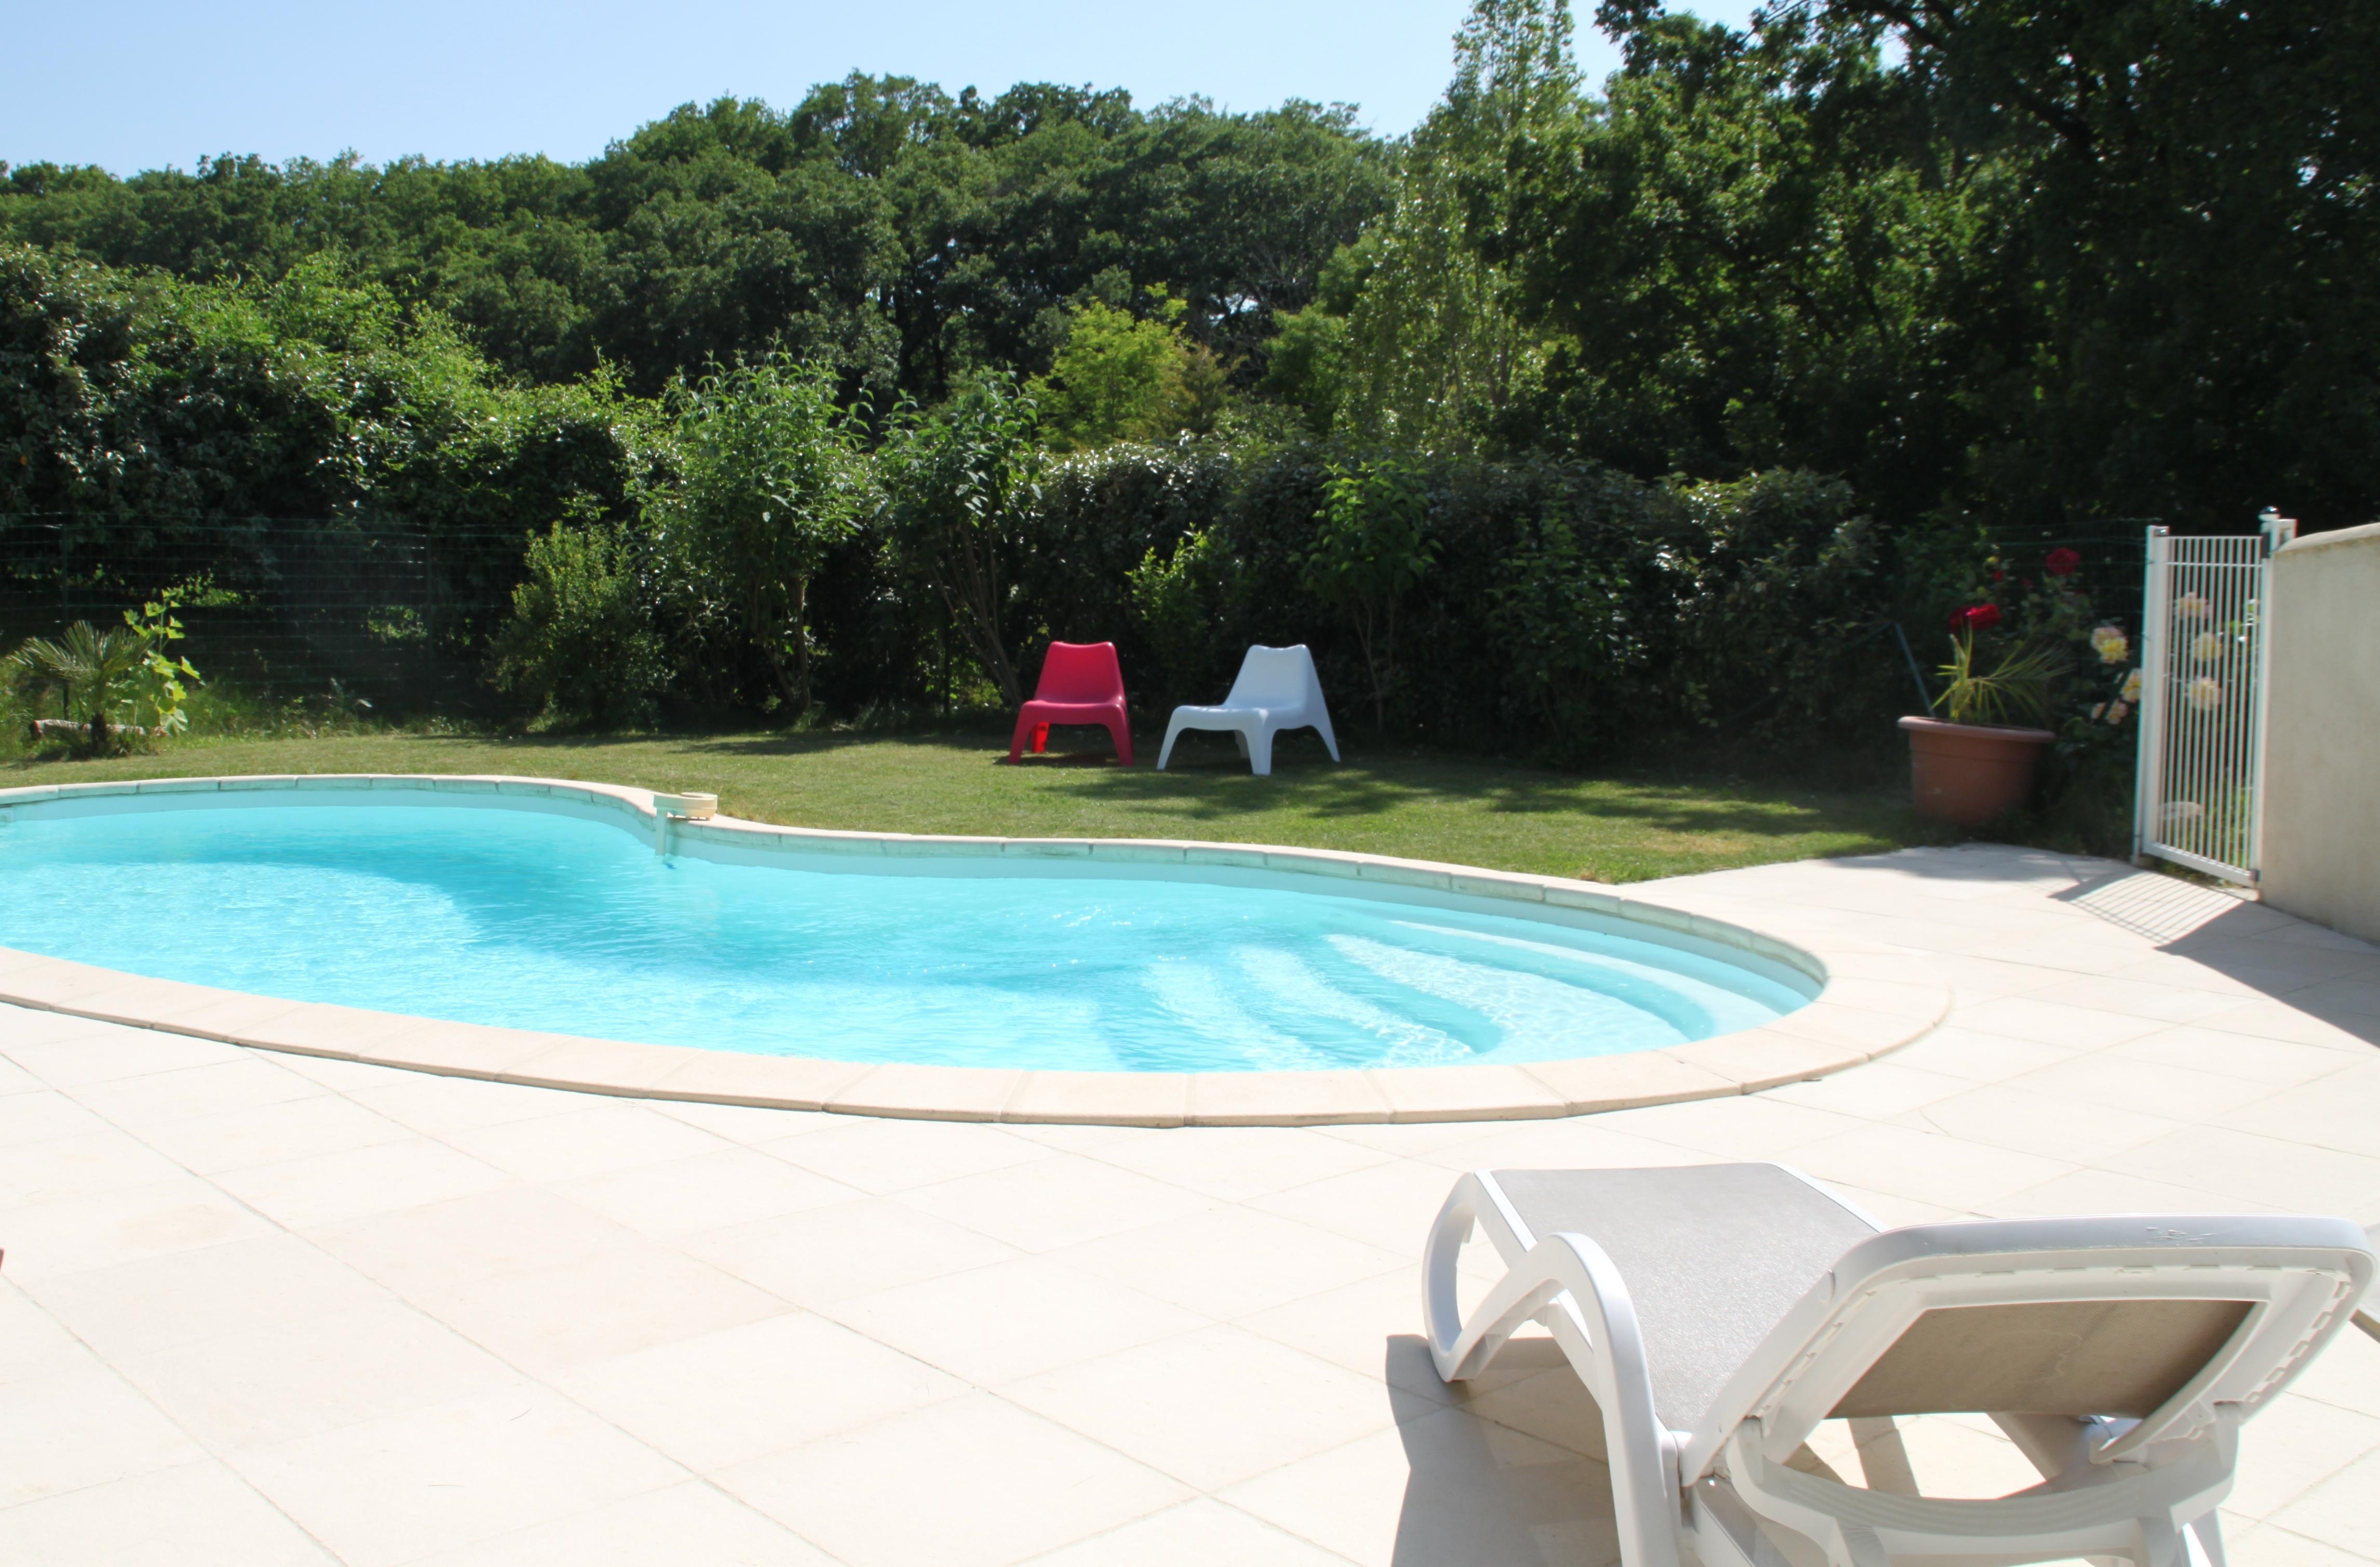 invitation au repos au bord de la piscine des Vergers de la Bouligaire